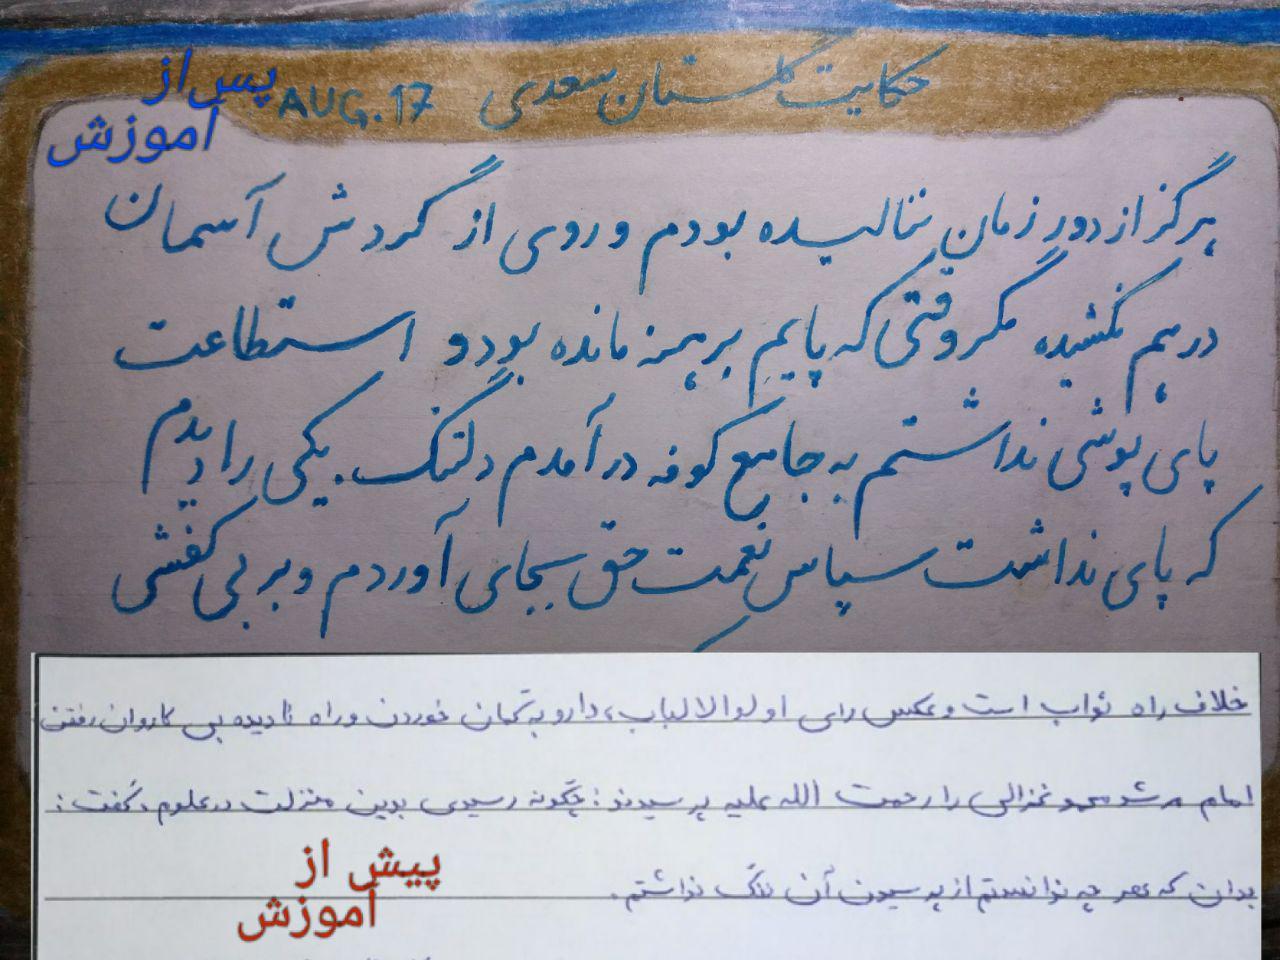 خوشنویسی با خودکار-سروش عبدالحسینی-ویراستاران-خط تحریری